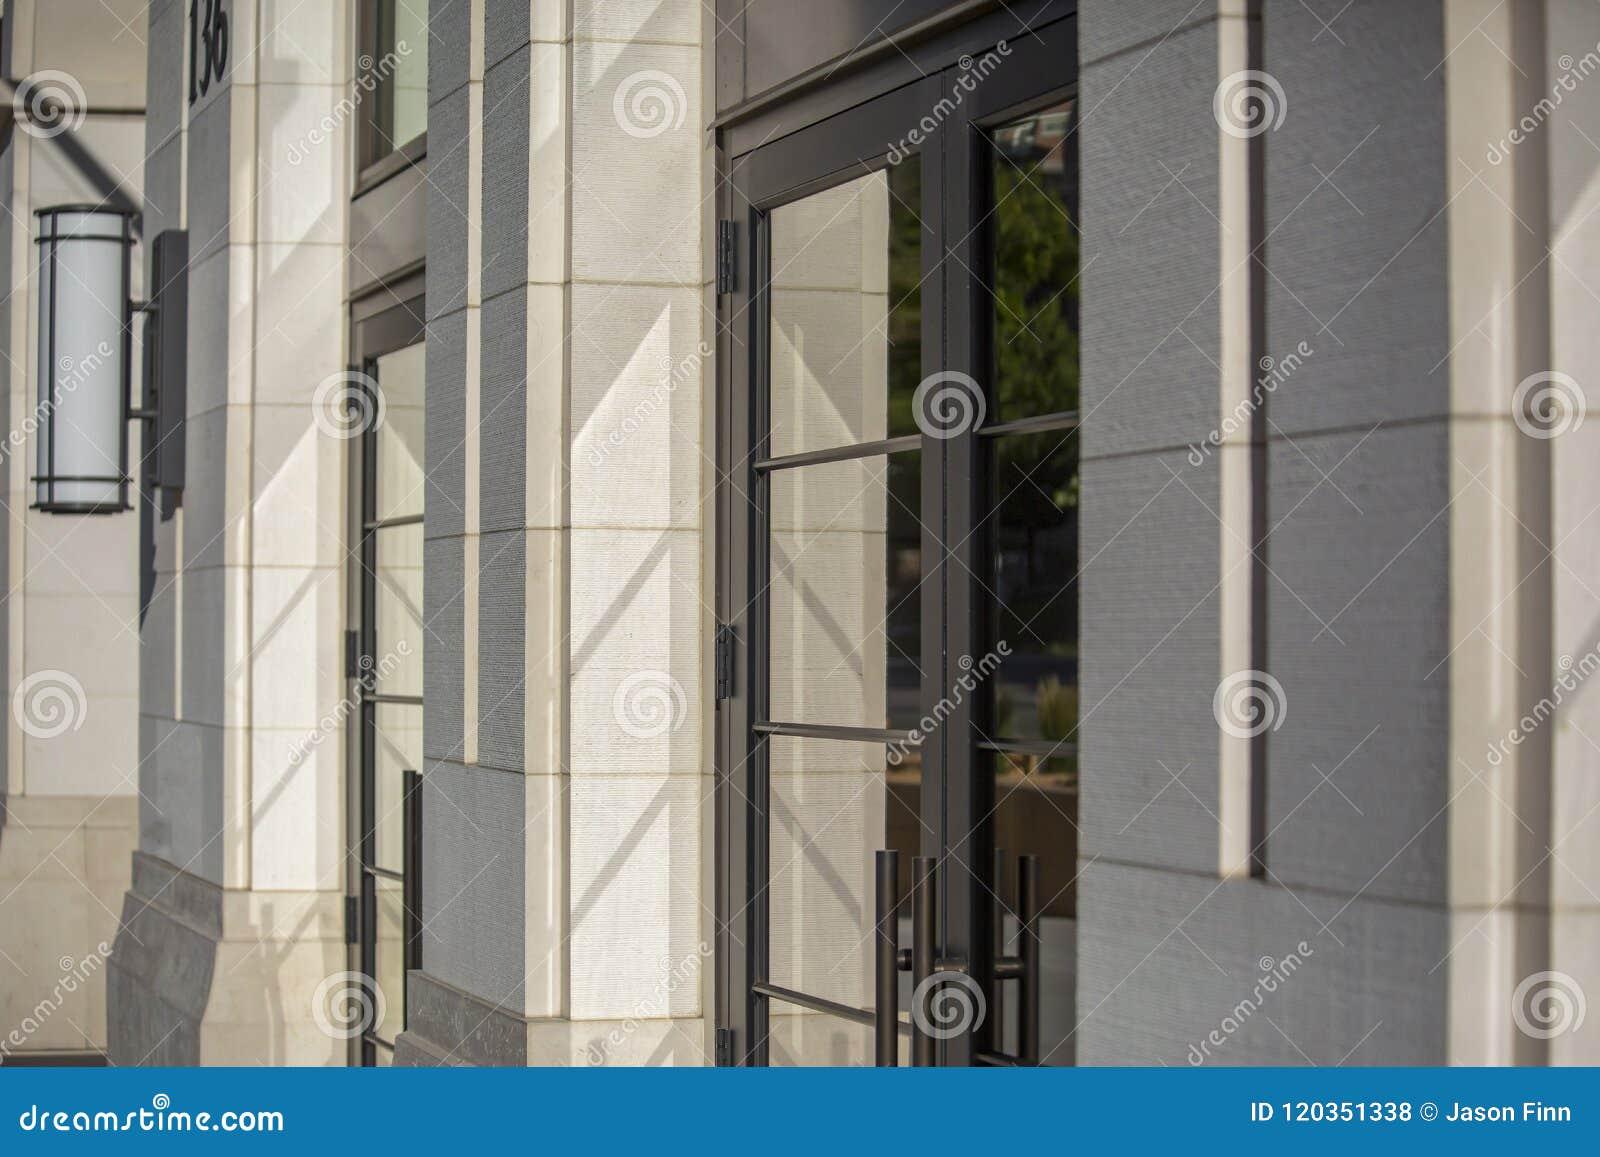 Reflexiones de cristal en la entrada brillantemente encendida